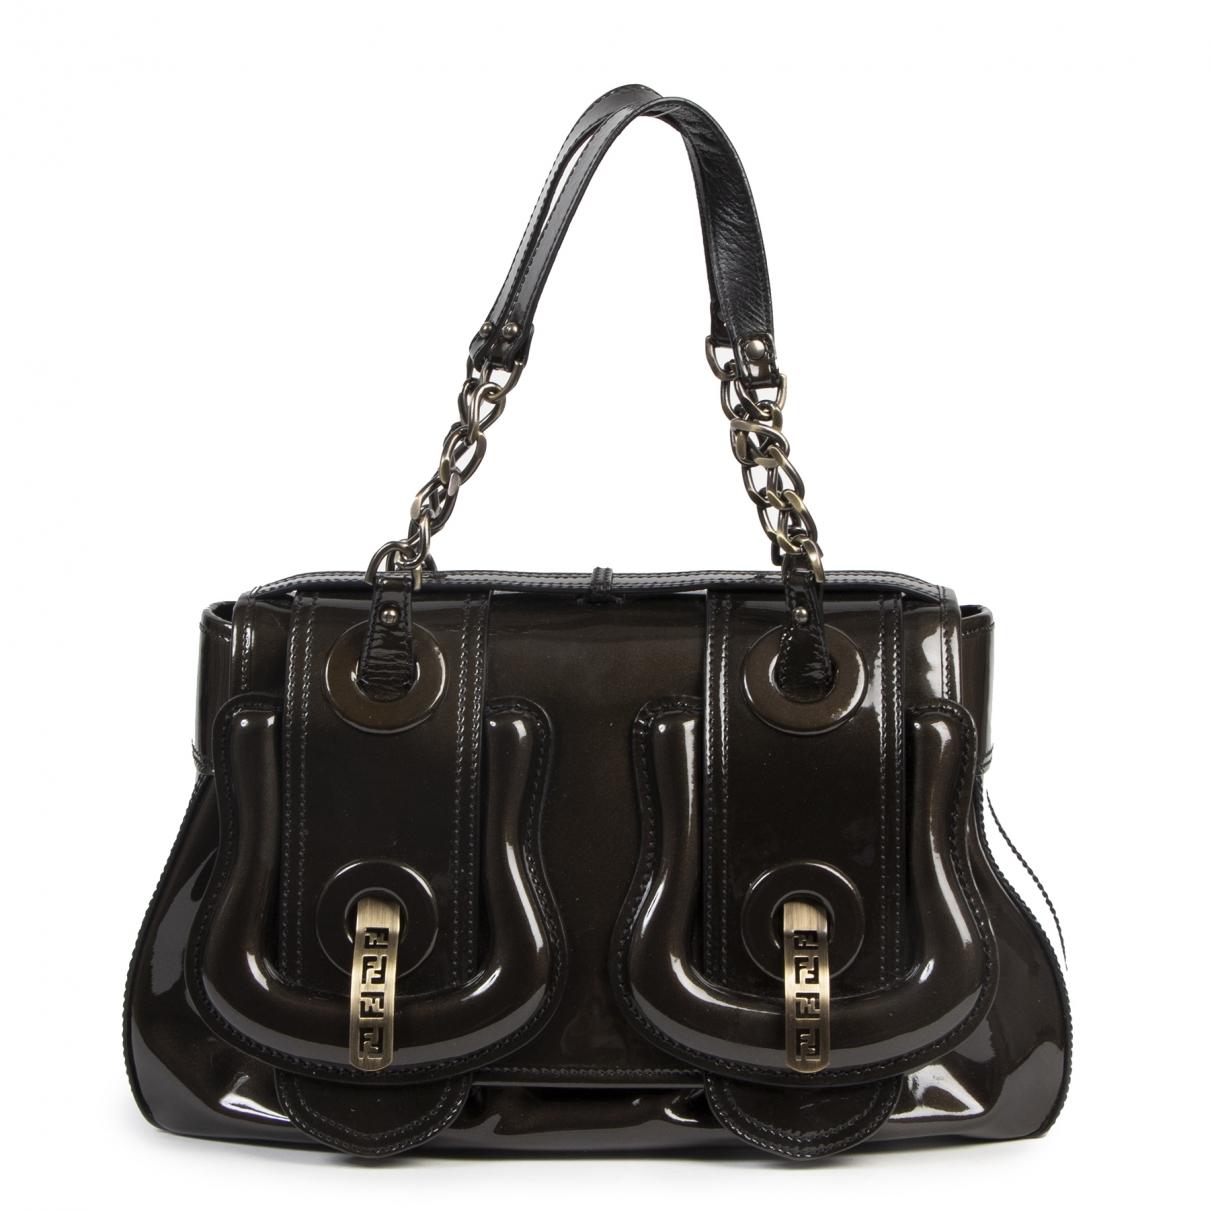 Bolso  B Bag de Charol Fendi